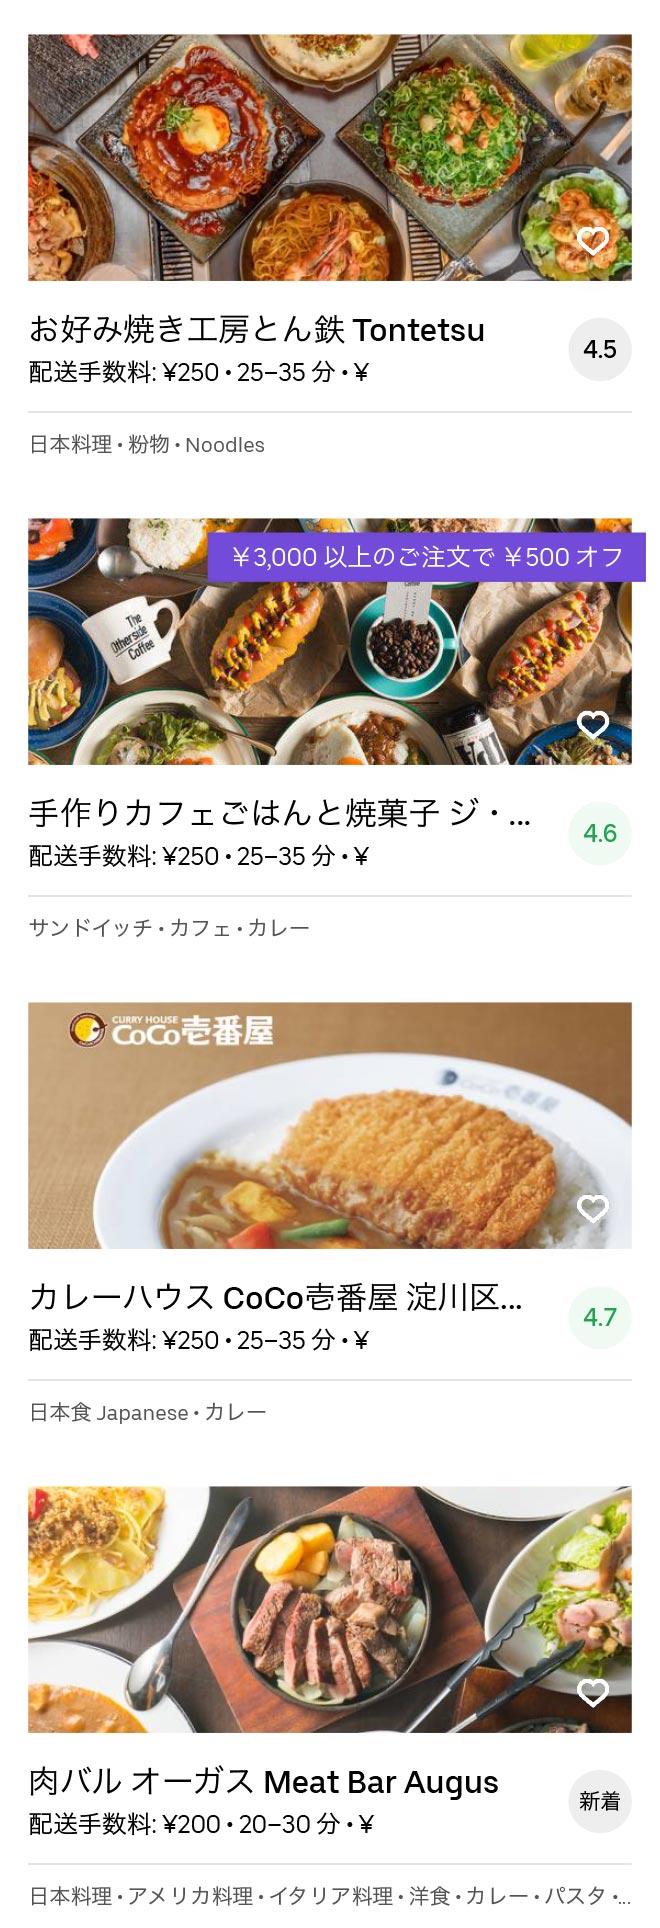 Toyonaka shounai menu 2005 04